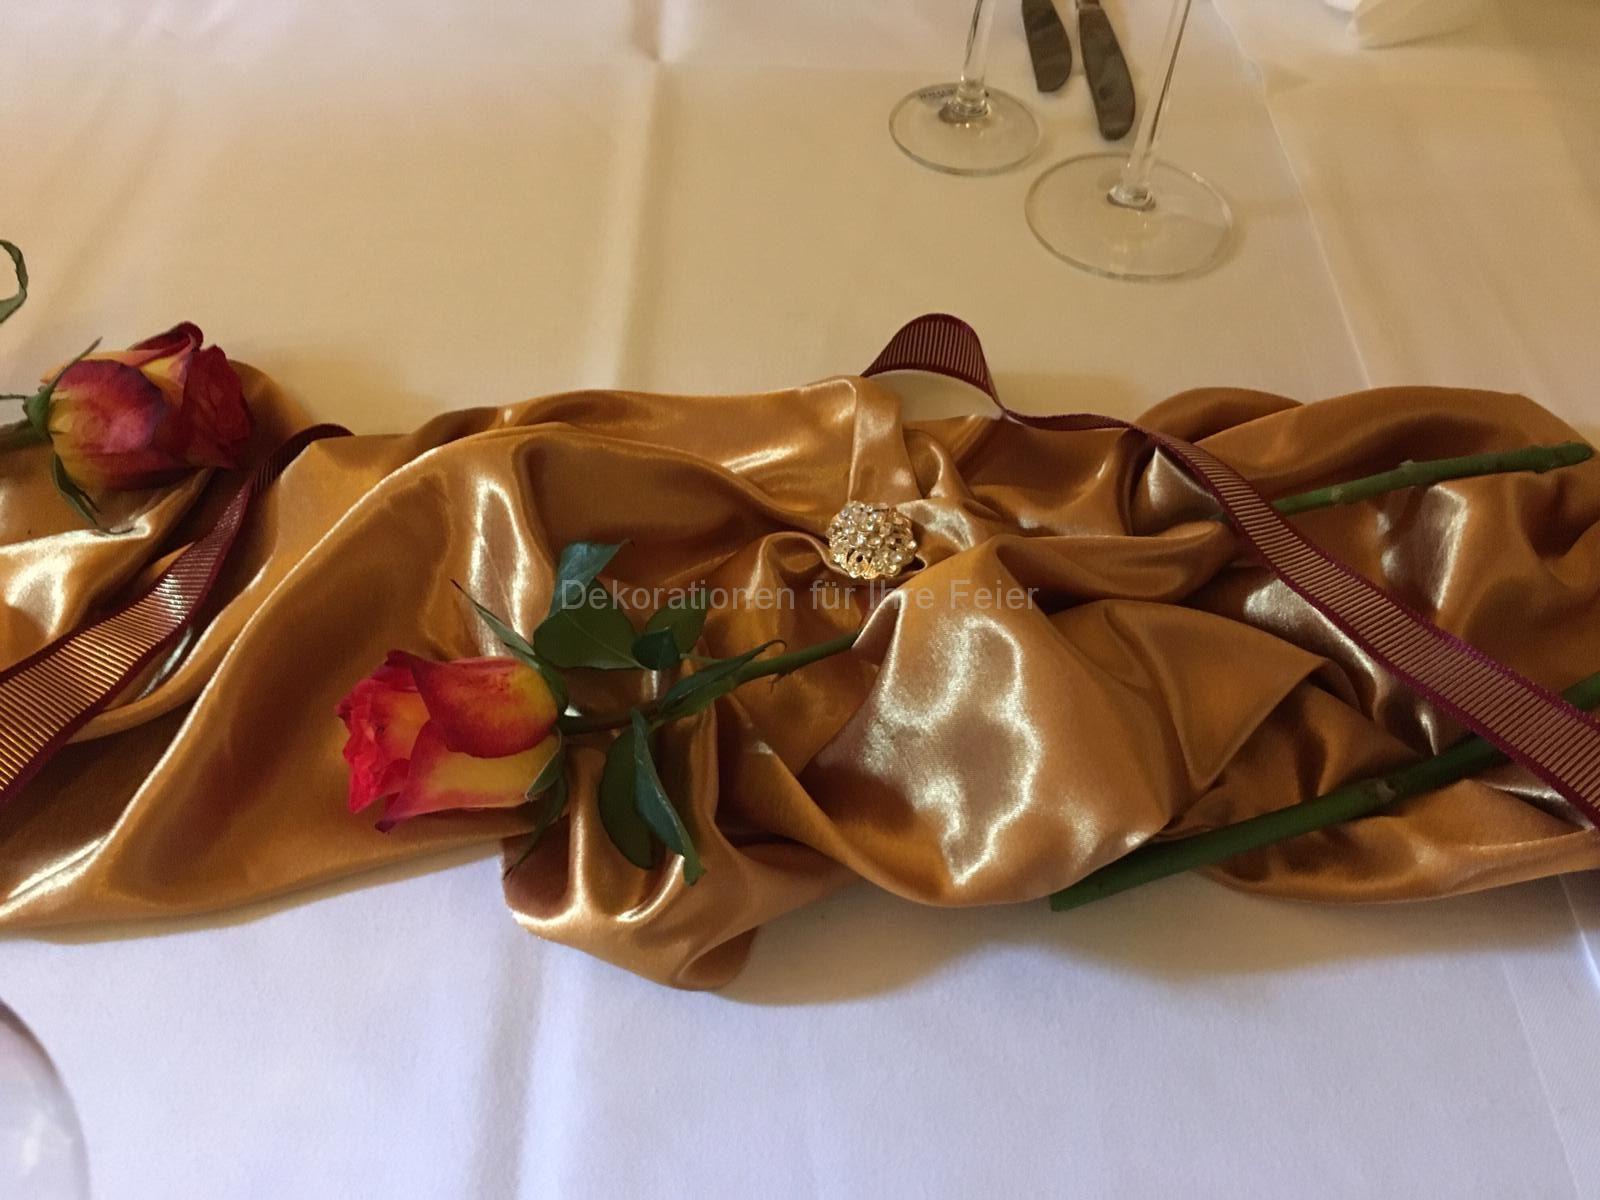 Warme Töne - glänzender Ockergelber Stoff, goldene Brosche und weinrote Bänder geben eine feierliche Note. Dazu passend eine dicke Rose in Ockergelb und dunkelrot wirkt durch elegante Schlichtheit, feierlich und außergewöhnlich.